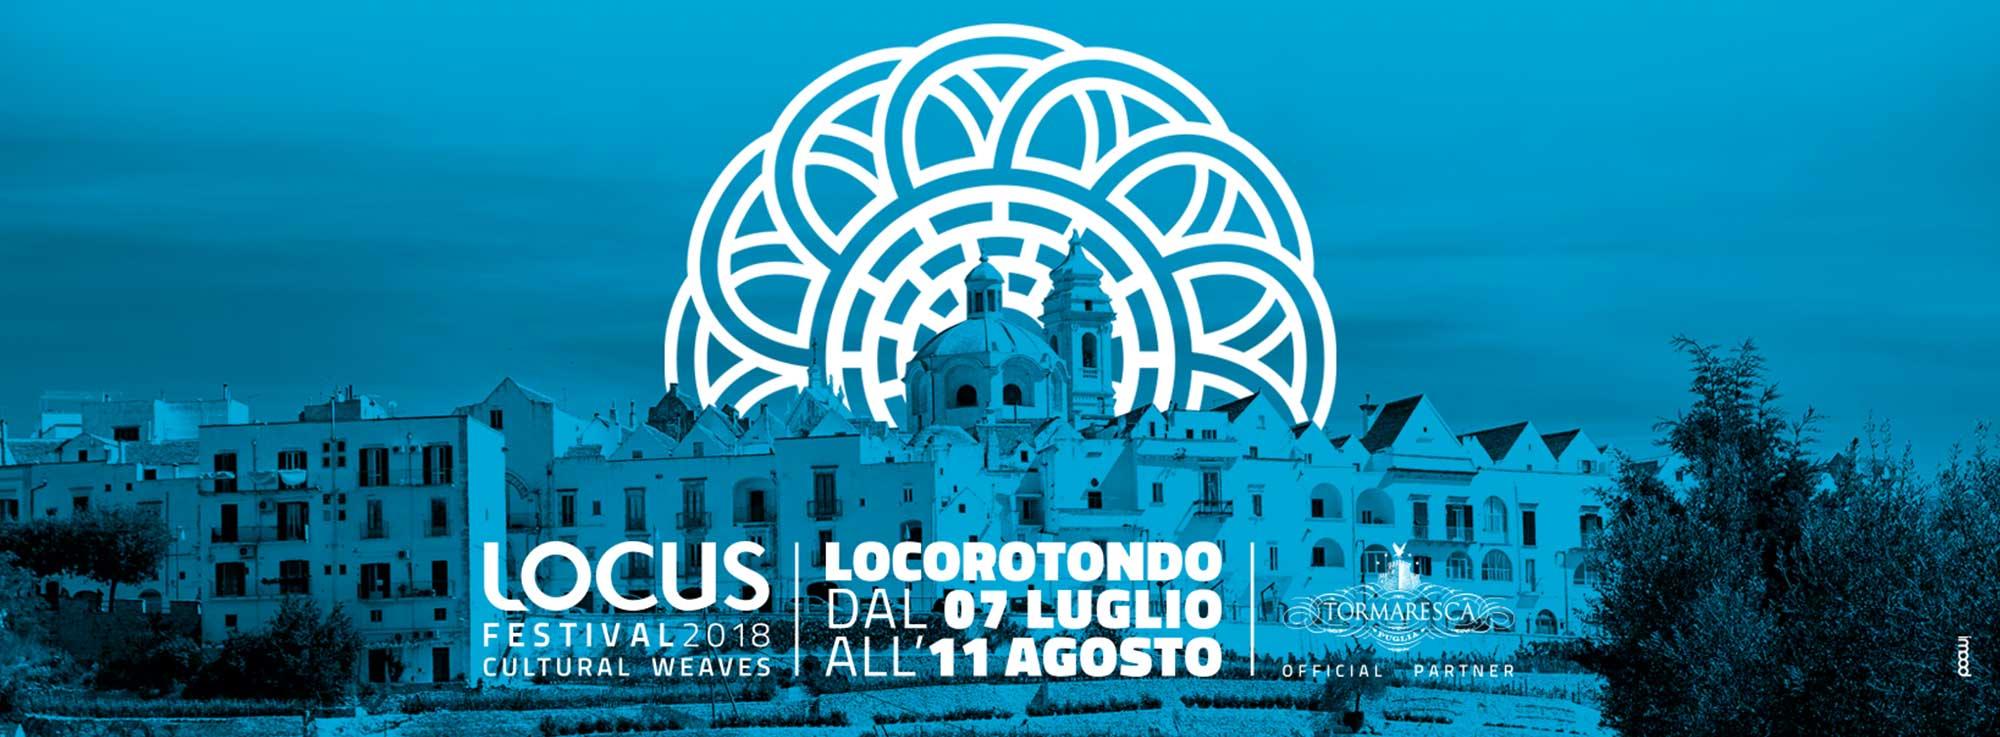 Locorotondo: Locus Festival